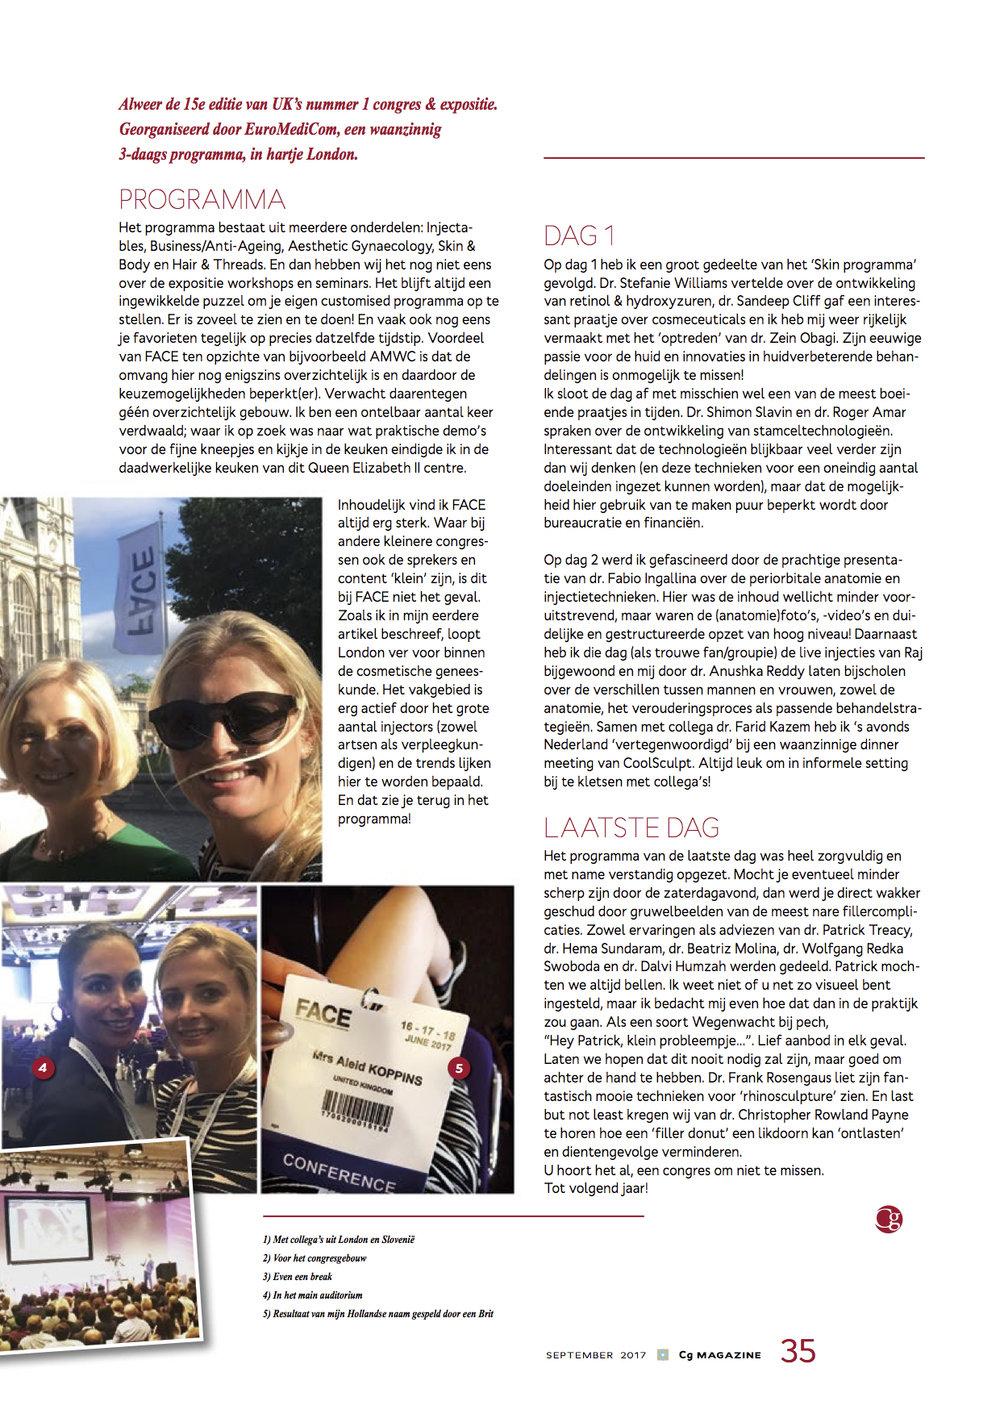 CG magazine sept 17 - blz 3.jpg